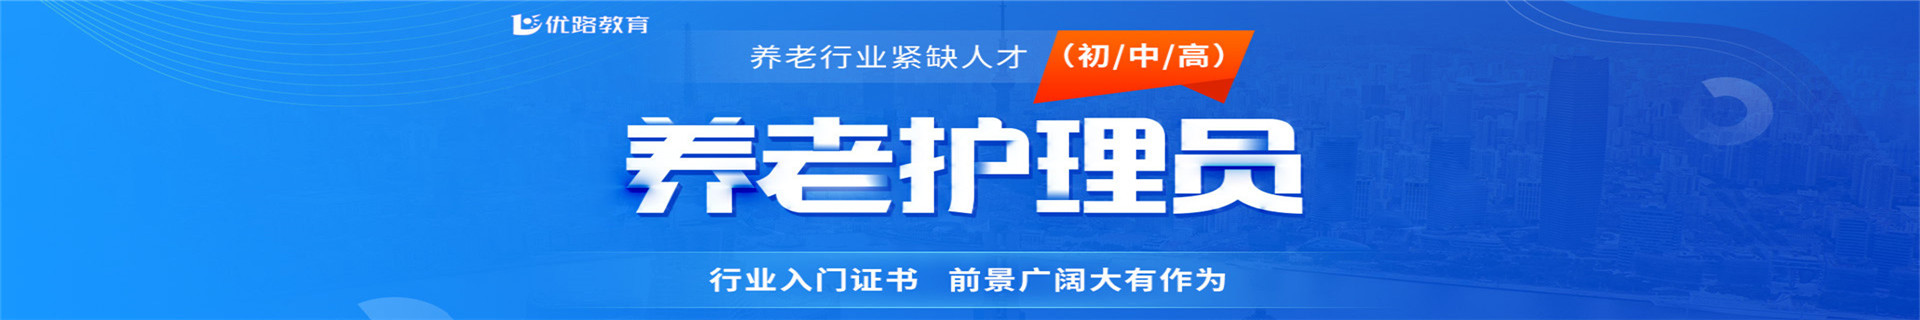 辽宁抚顺优路教育培训学校